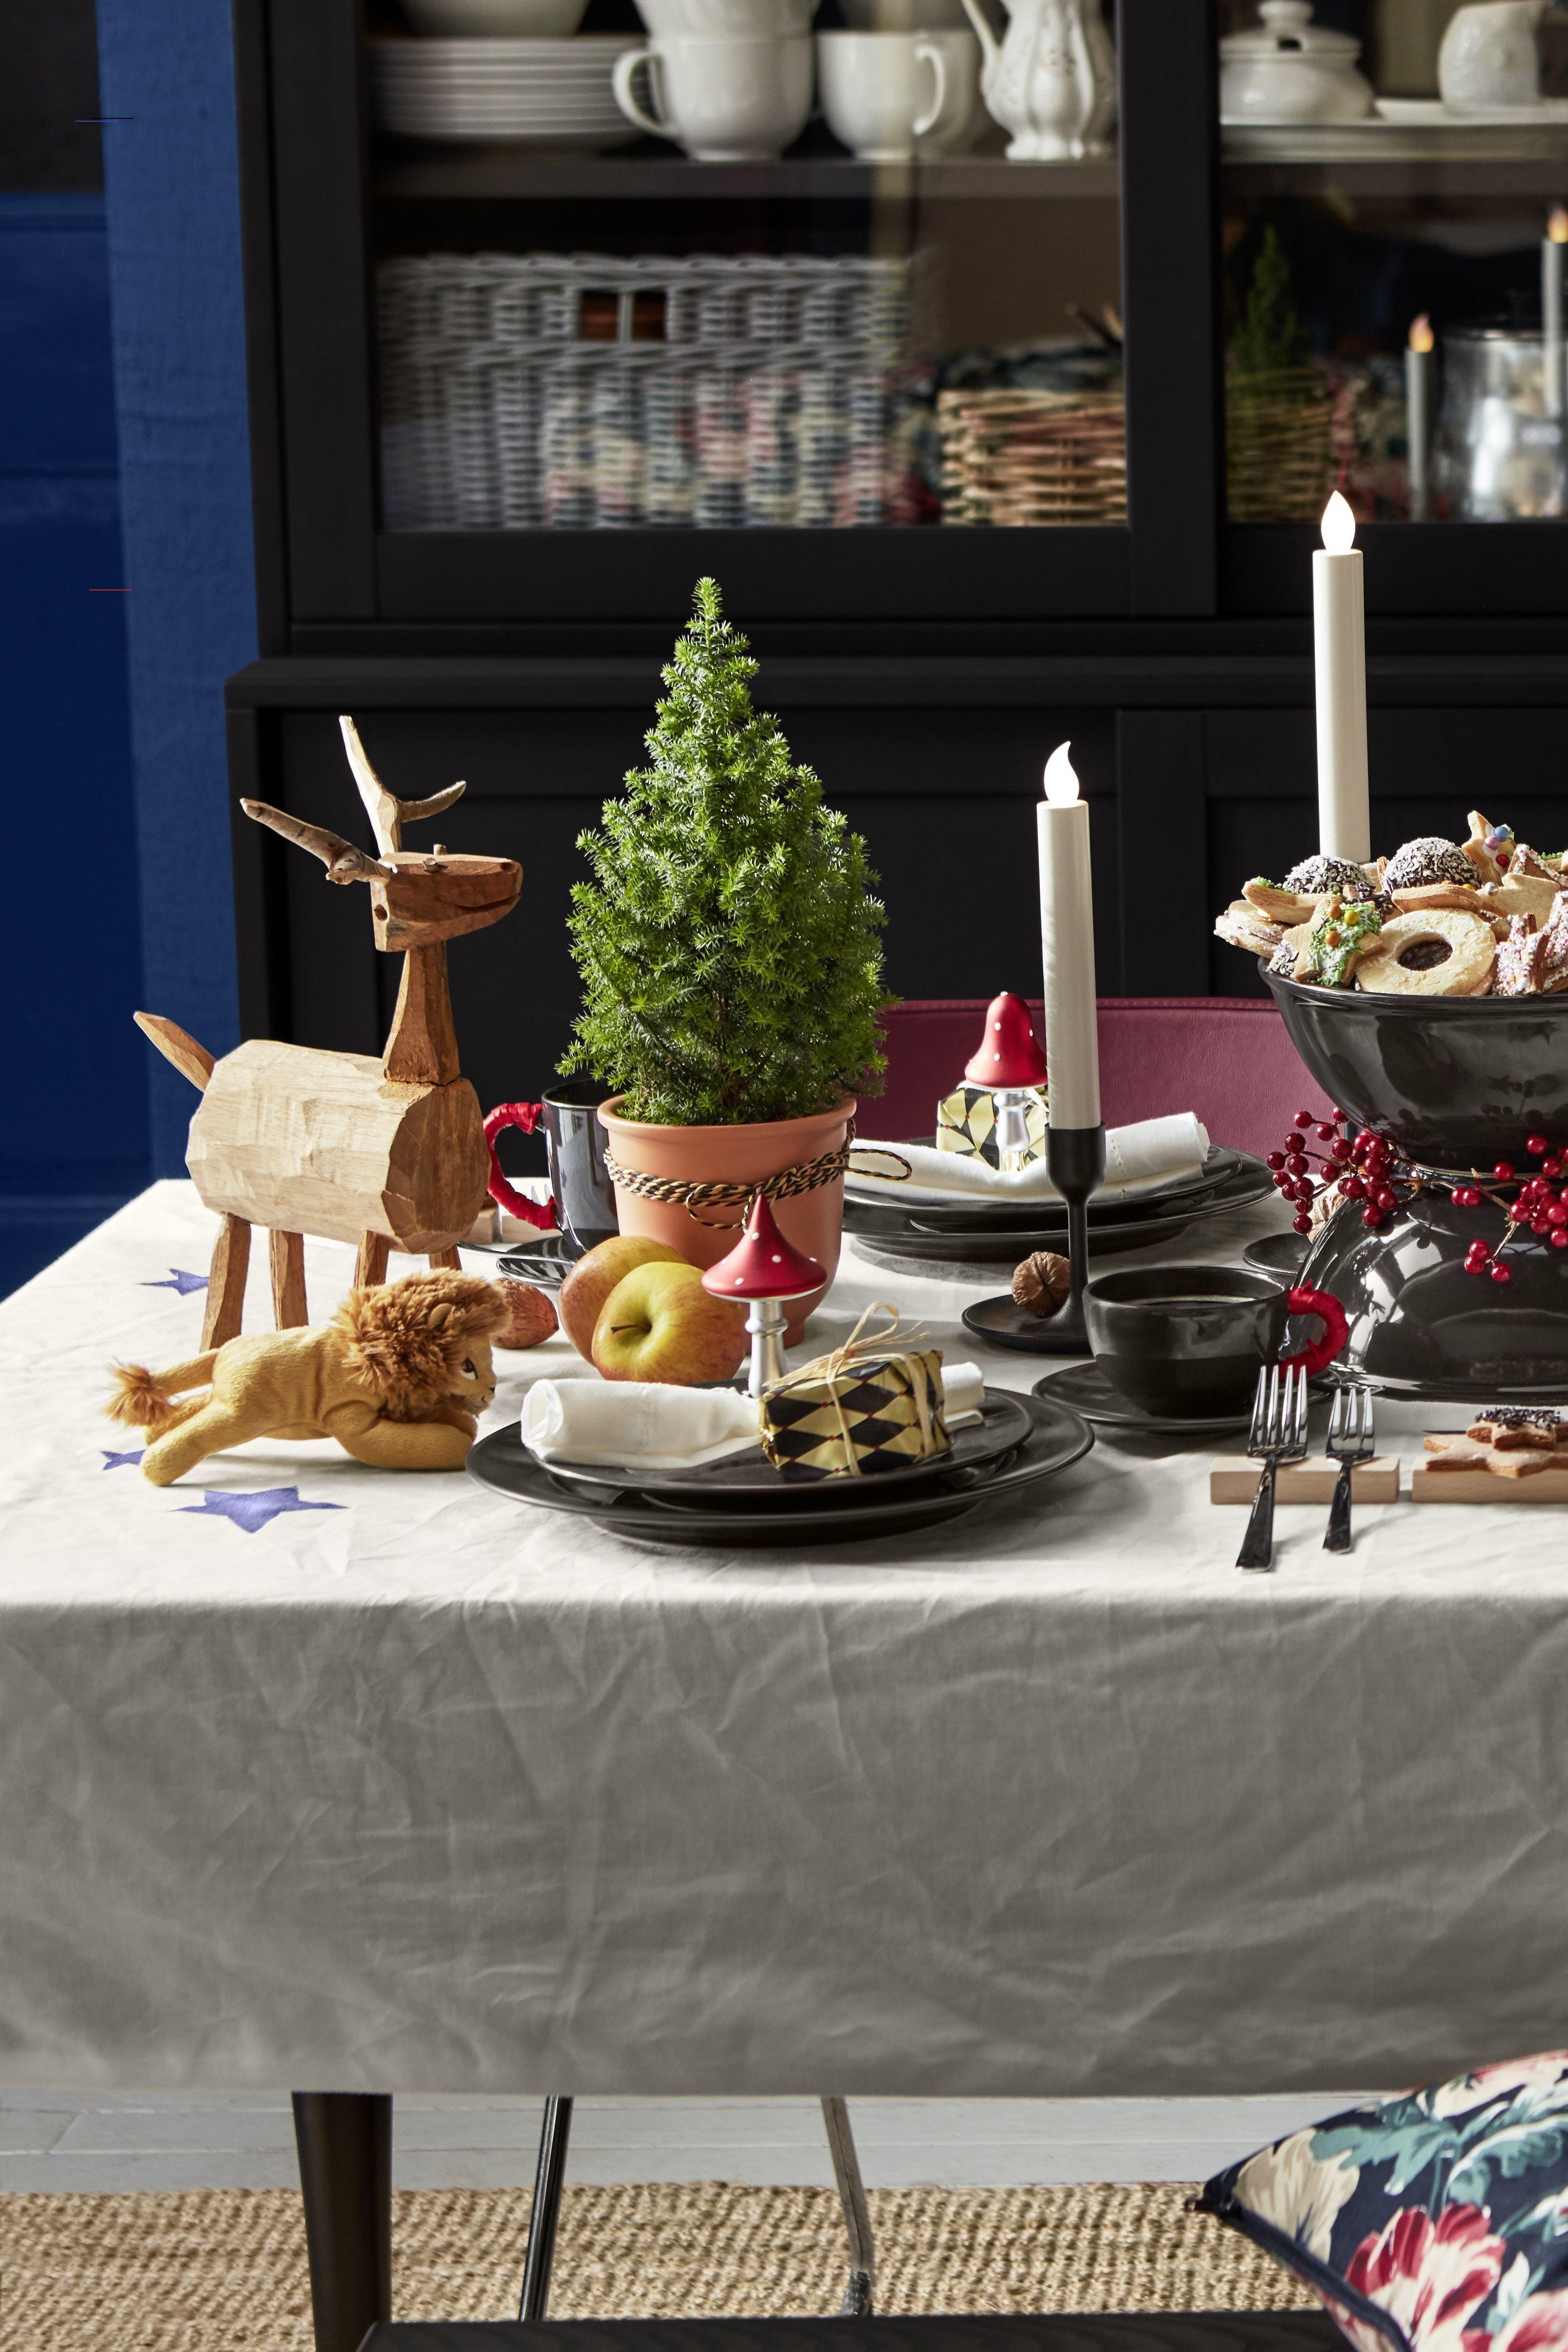 Ikeadeutschlandweihnachten In 2020